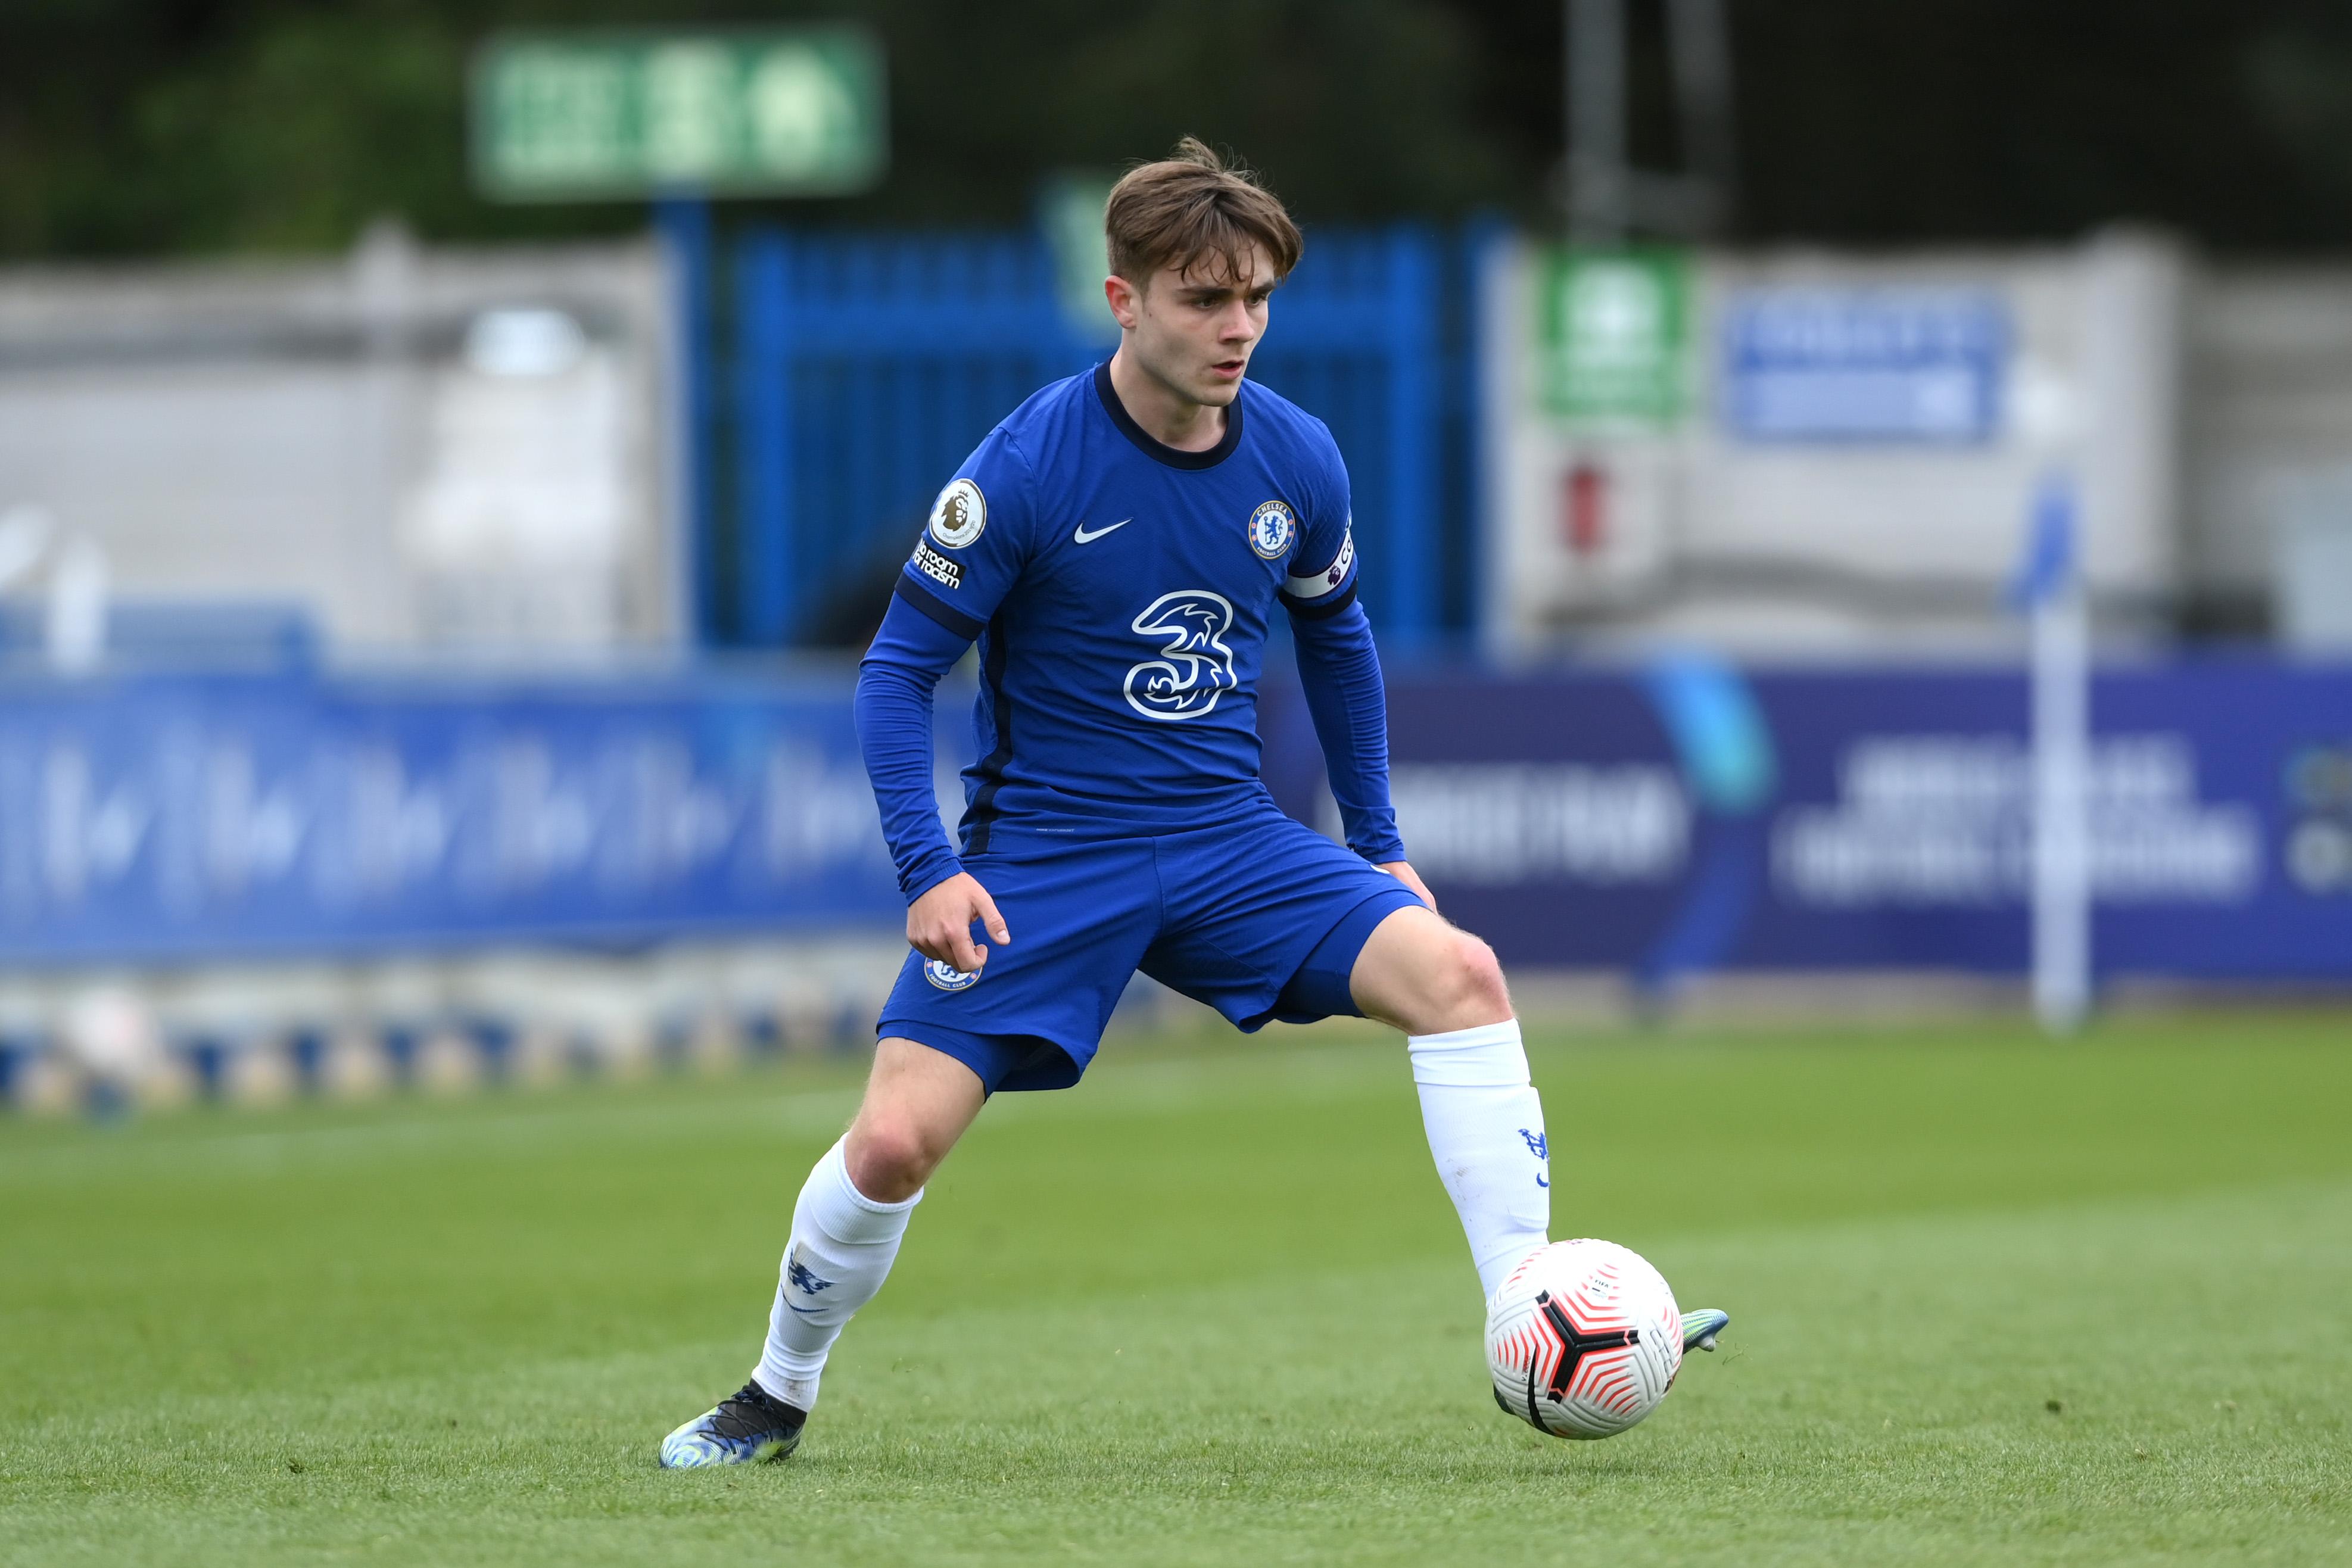 Chelsea U18 v Everton U18: FA Youth Cup